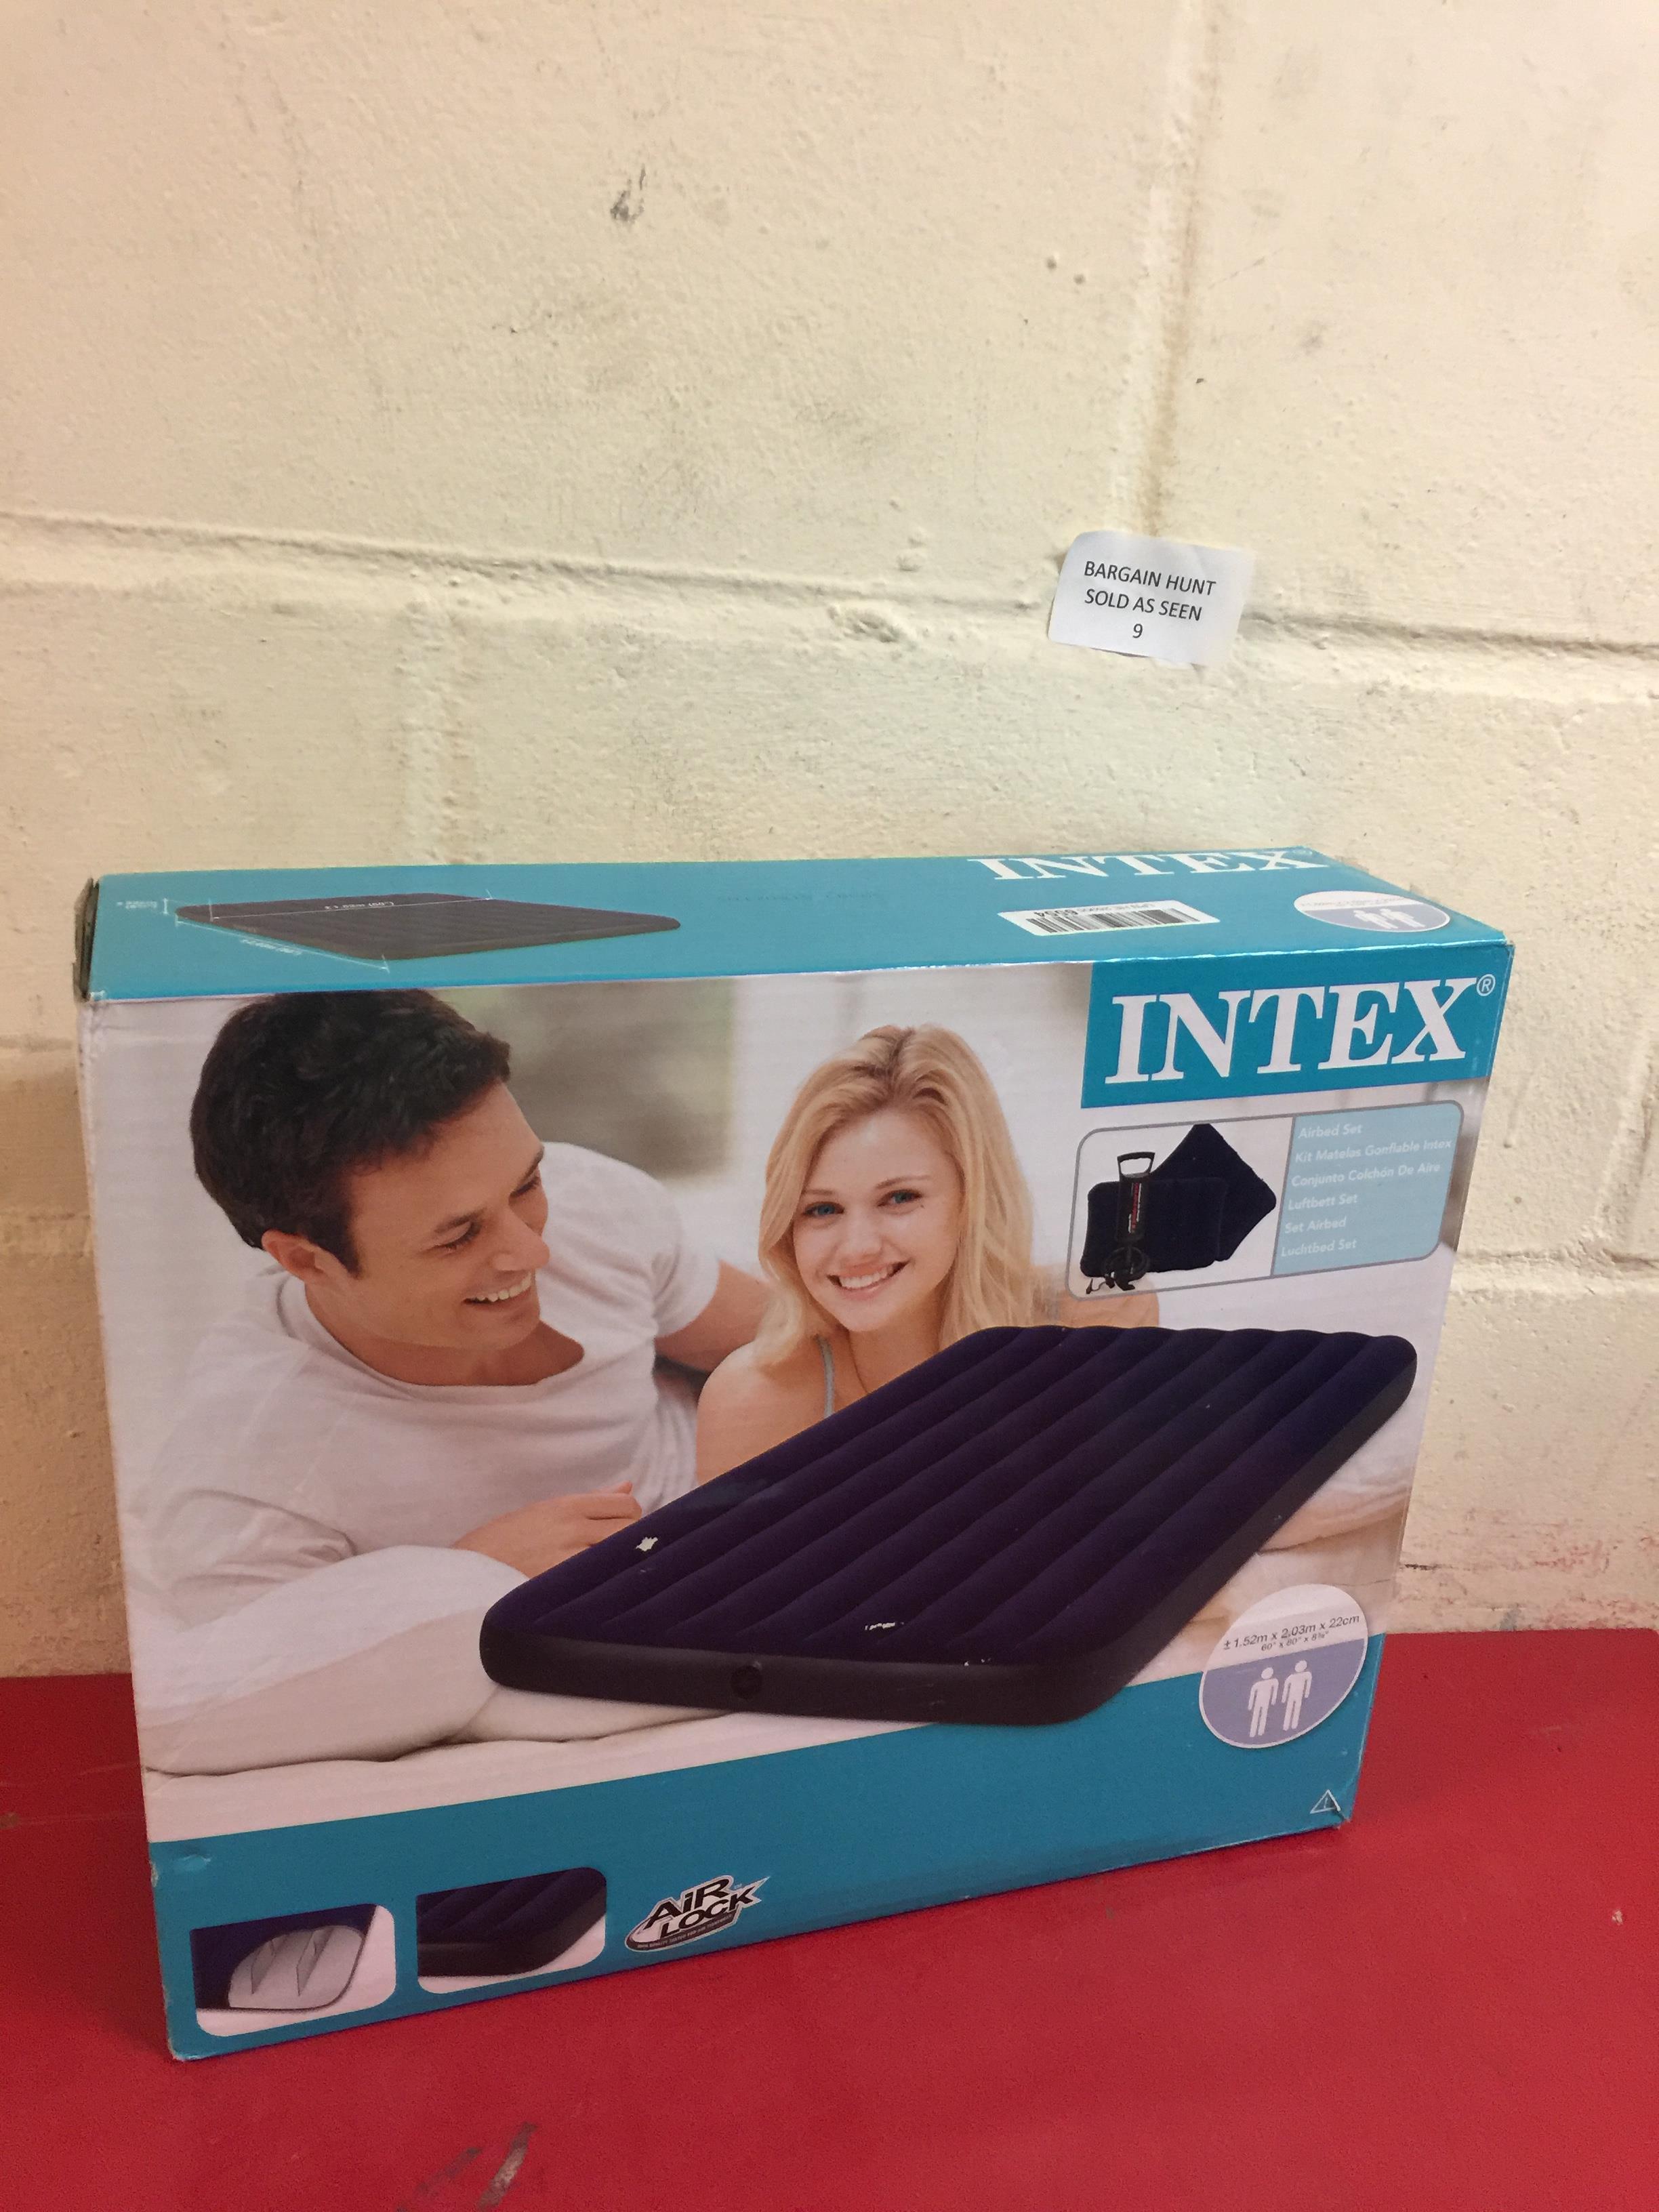 Lot 9 - Intex Air Bed